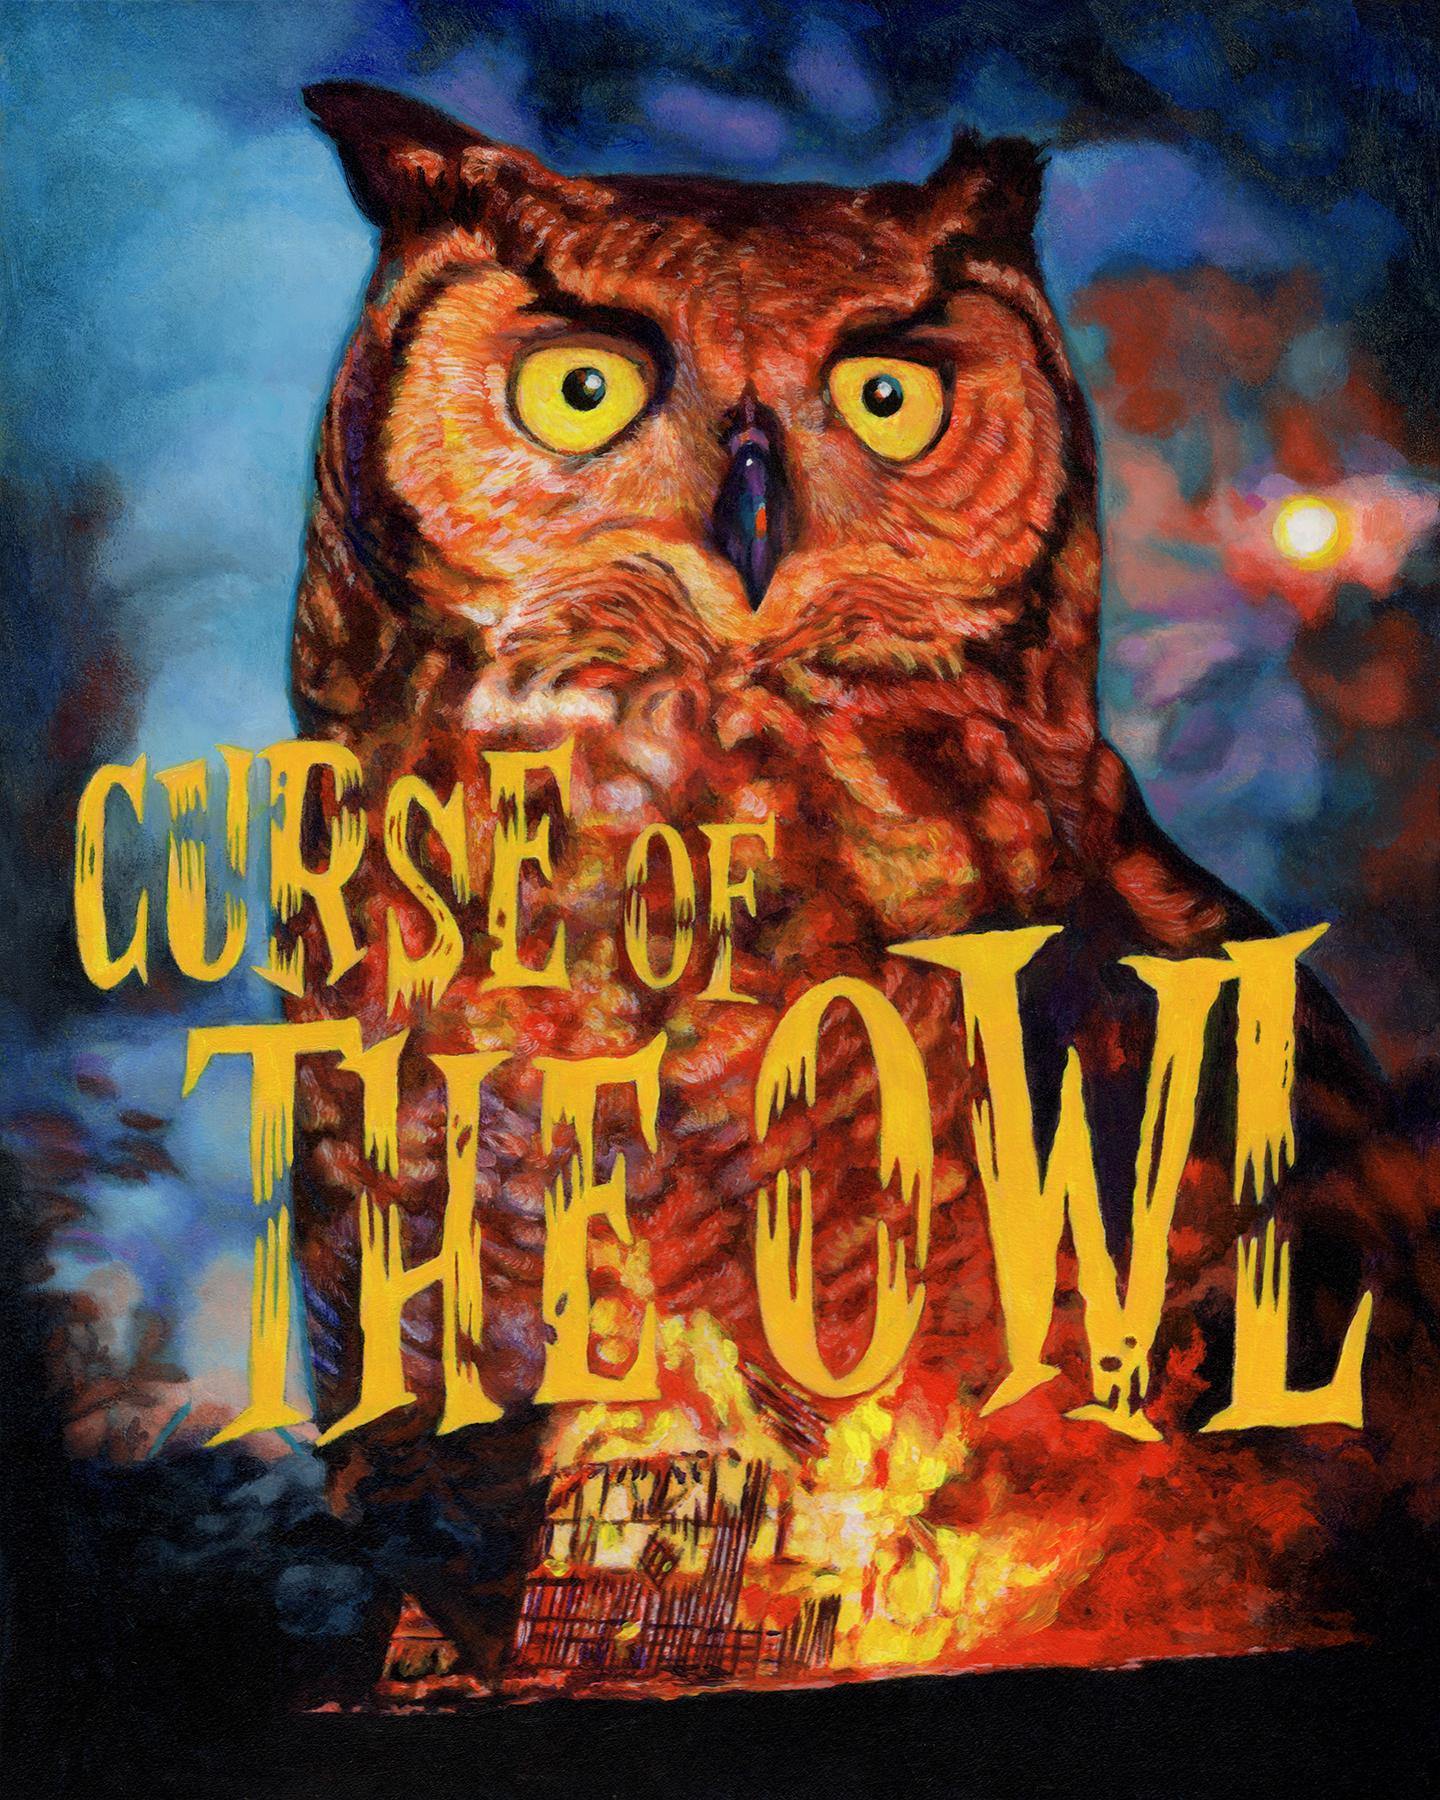 JOHANNAH_ODONNELL_CURSE_OF_THE_OWL